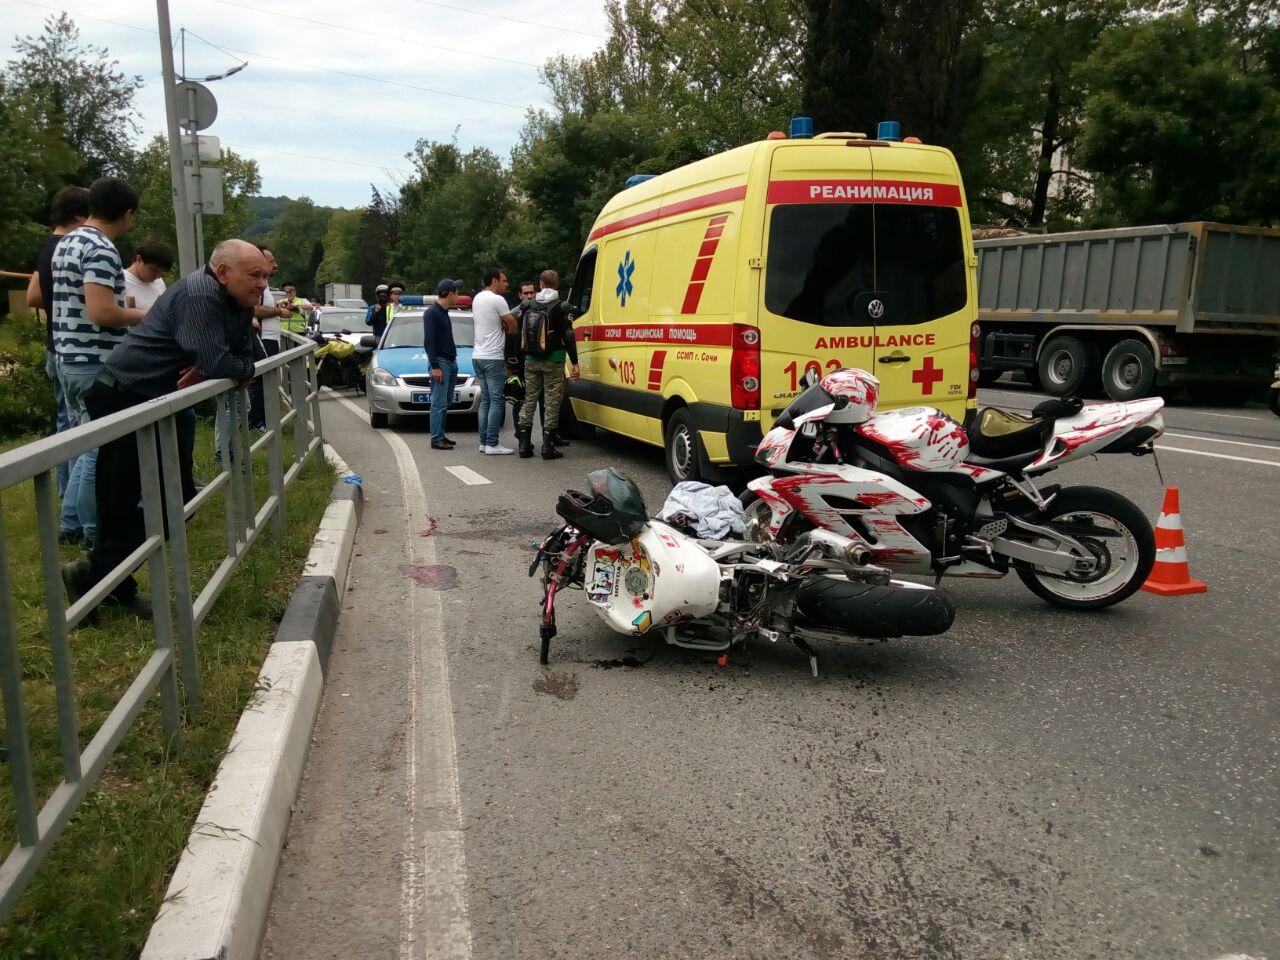 ВСочи вДТП умер мотоциклист. Видео скамеры наблюдения